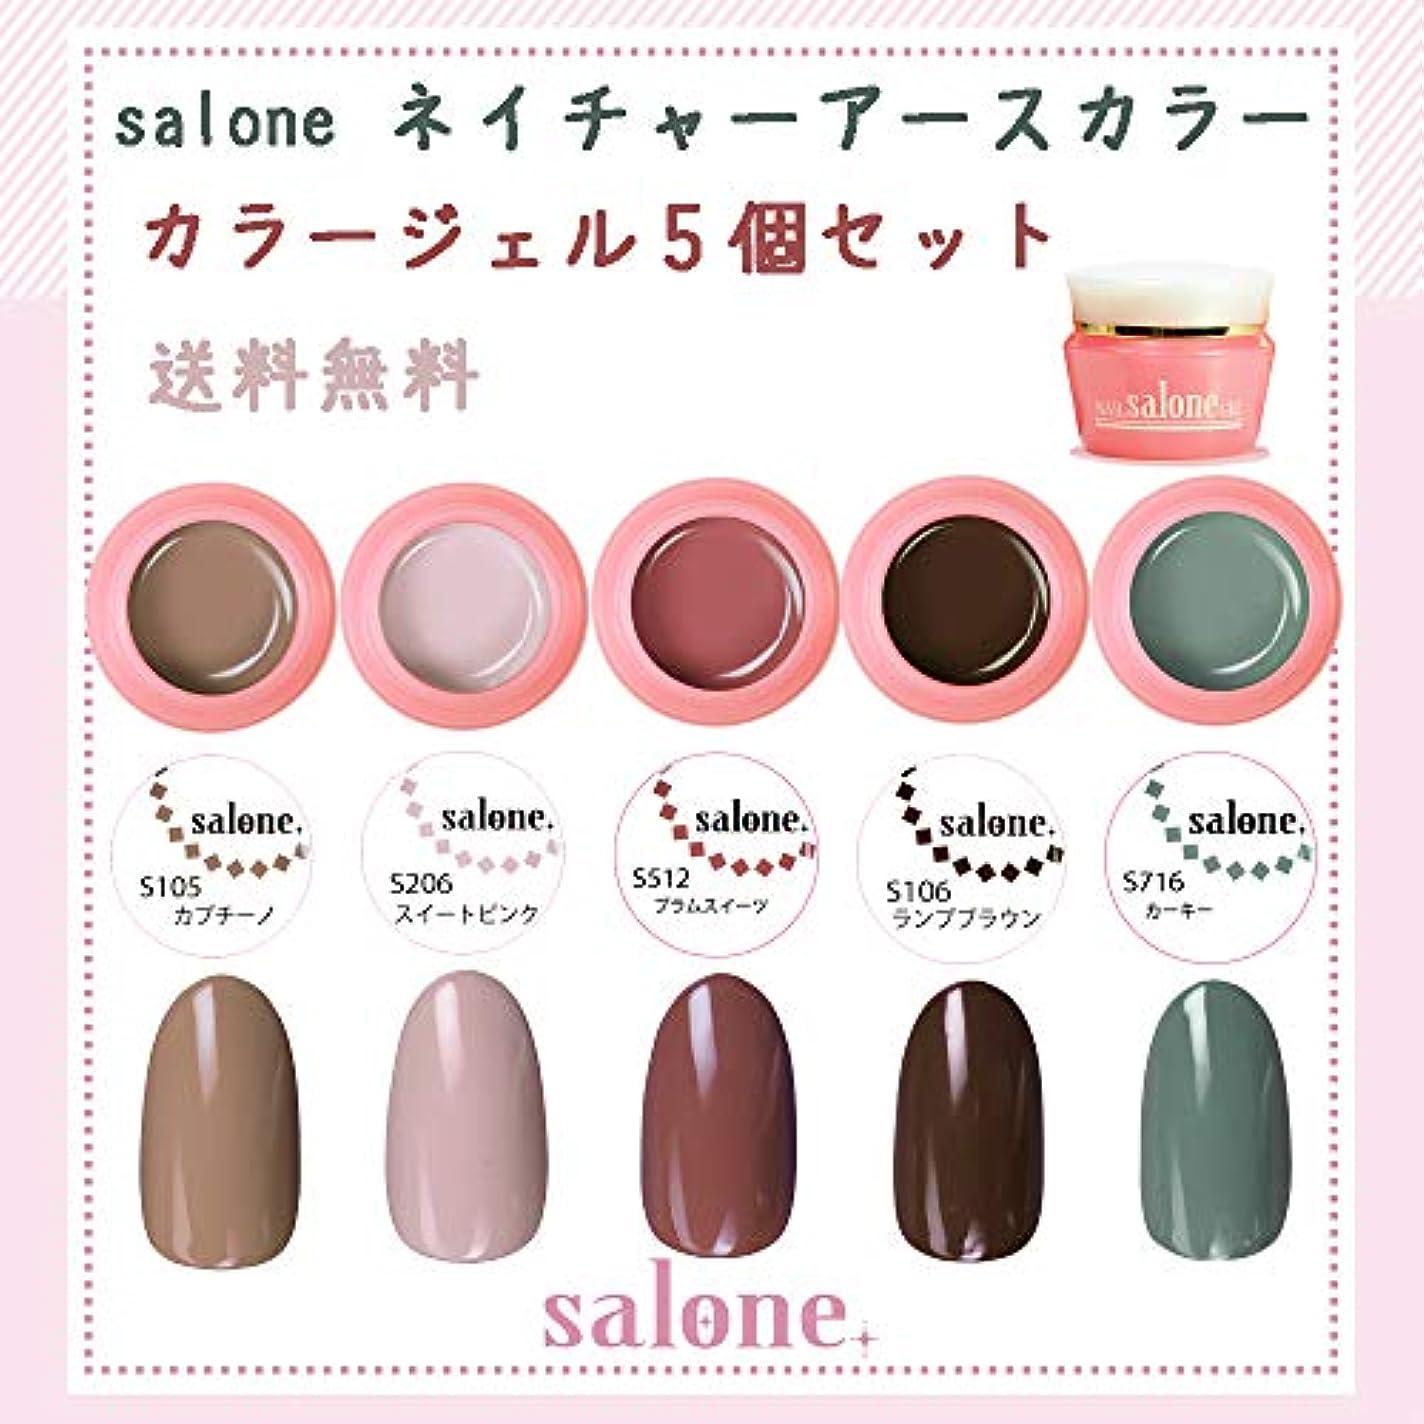 晩ごはんピンポイント表向き【送料無料 日本製】Salone ネイチャーアースカラー カラージェル5個セット ボタニカルでネイチャーなカラーをチョイスしました。